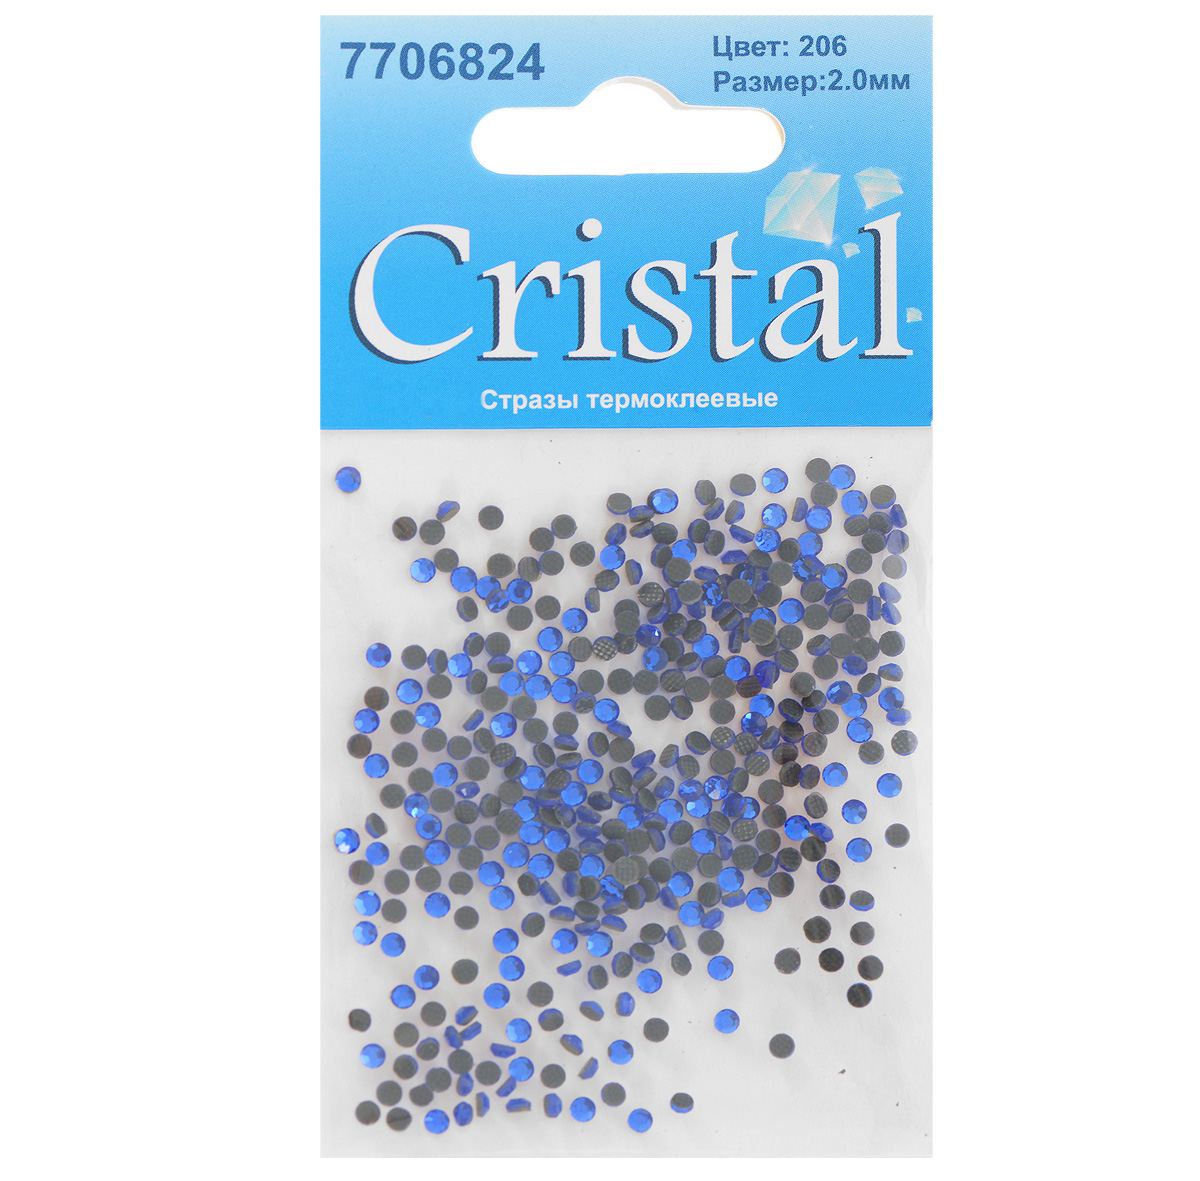 Стразы термоклеевые Cristal, цвет: синий (206), диаметр 2 мм, 432 штNN-612-LS-PLНабор термоклеевых страз Cristal, изготовленный из высококачественного акрила, позволит вам украсить одежду, аксессуары или текстиль. Яркие стразы имеют плоское дно и круглую поверхность с гранями.Дно термоклеевых страз уже обработано особым клеем, который под воздействием высоких температур начинает плавиться, приклеиваясь, таким образом, к требуемой поверхности. Чаще всего их используют в текстильной промышленности: стразы прикладывают к ткани и проглаживают утюгом с обратной стороны. Также можно использовать специальный паяльник. Украшение стразами поможет сделать любую вещь оригинальной и неповторимой. Диаметр страз: 2 мм.